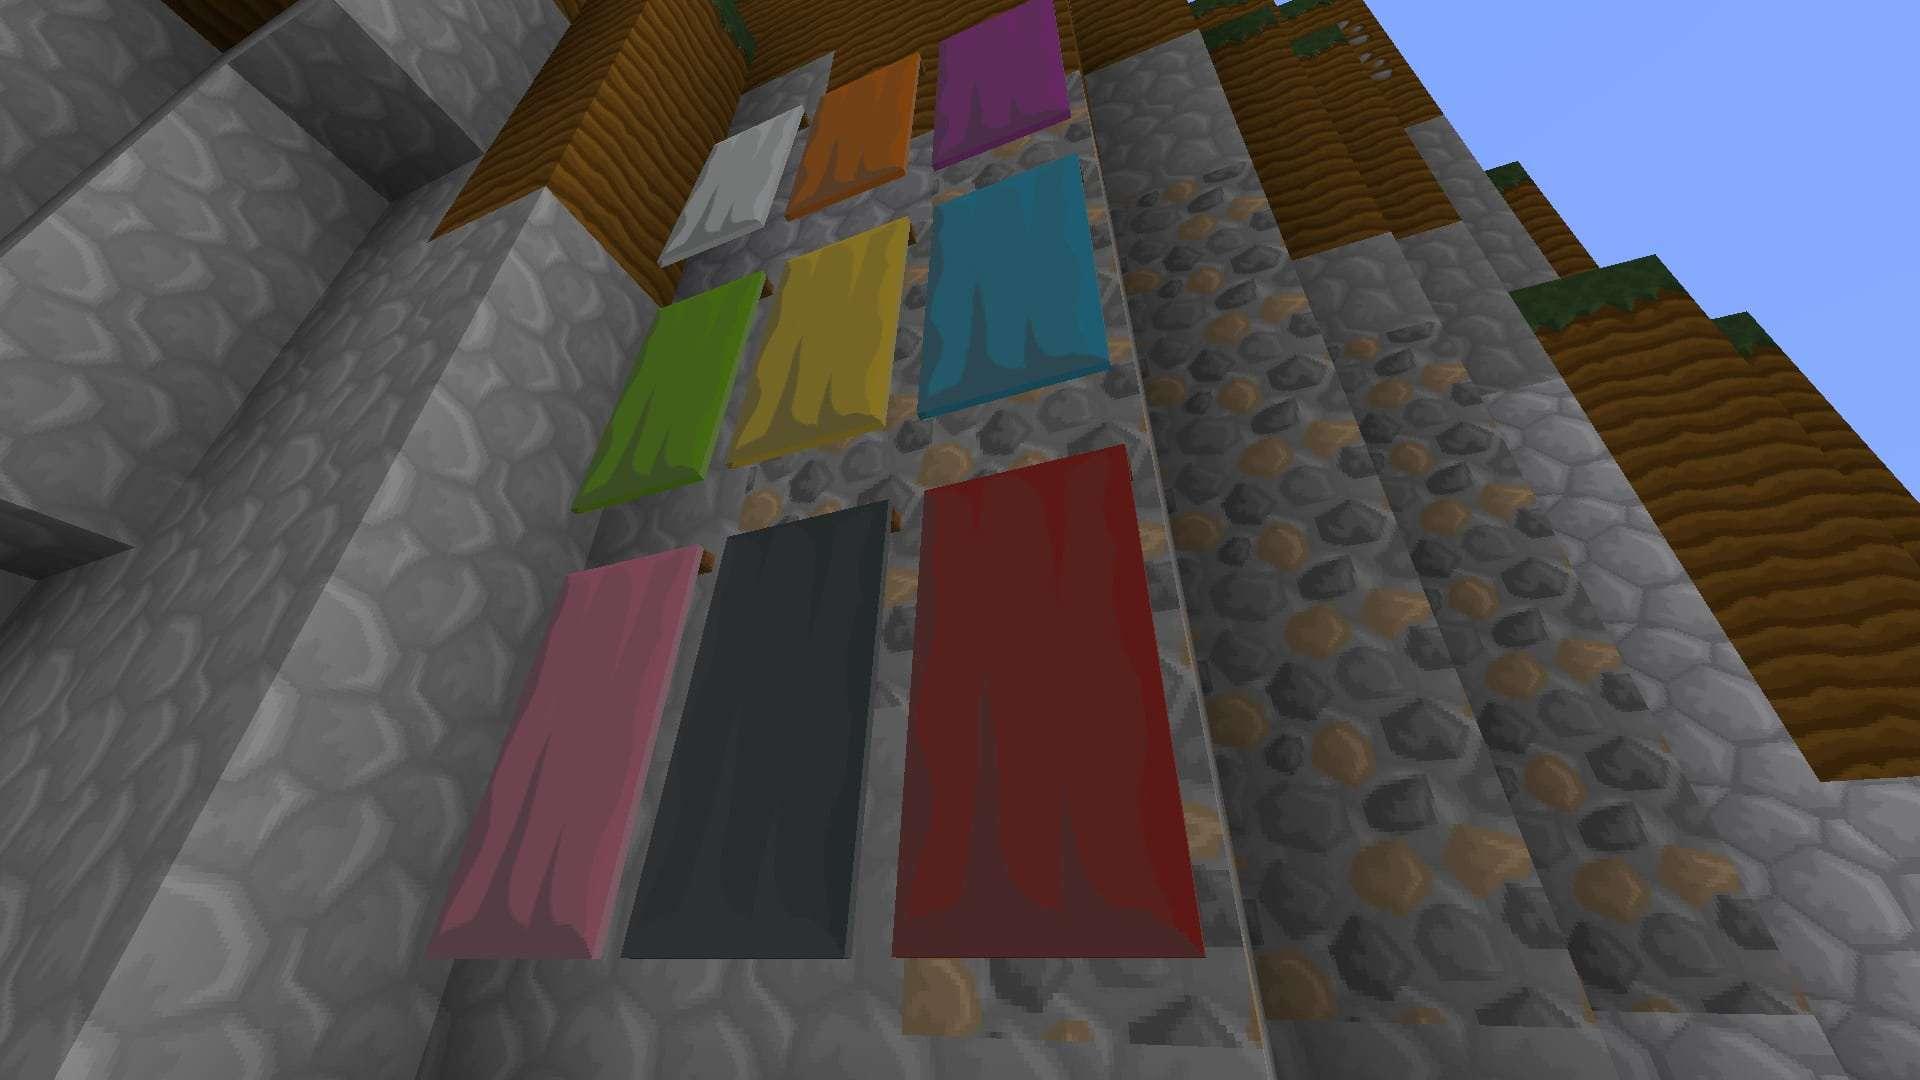 bannières ou drapeaux de LIIE's